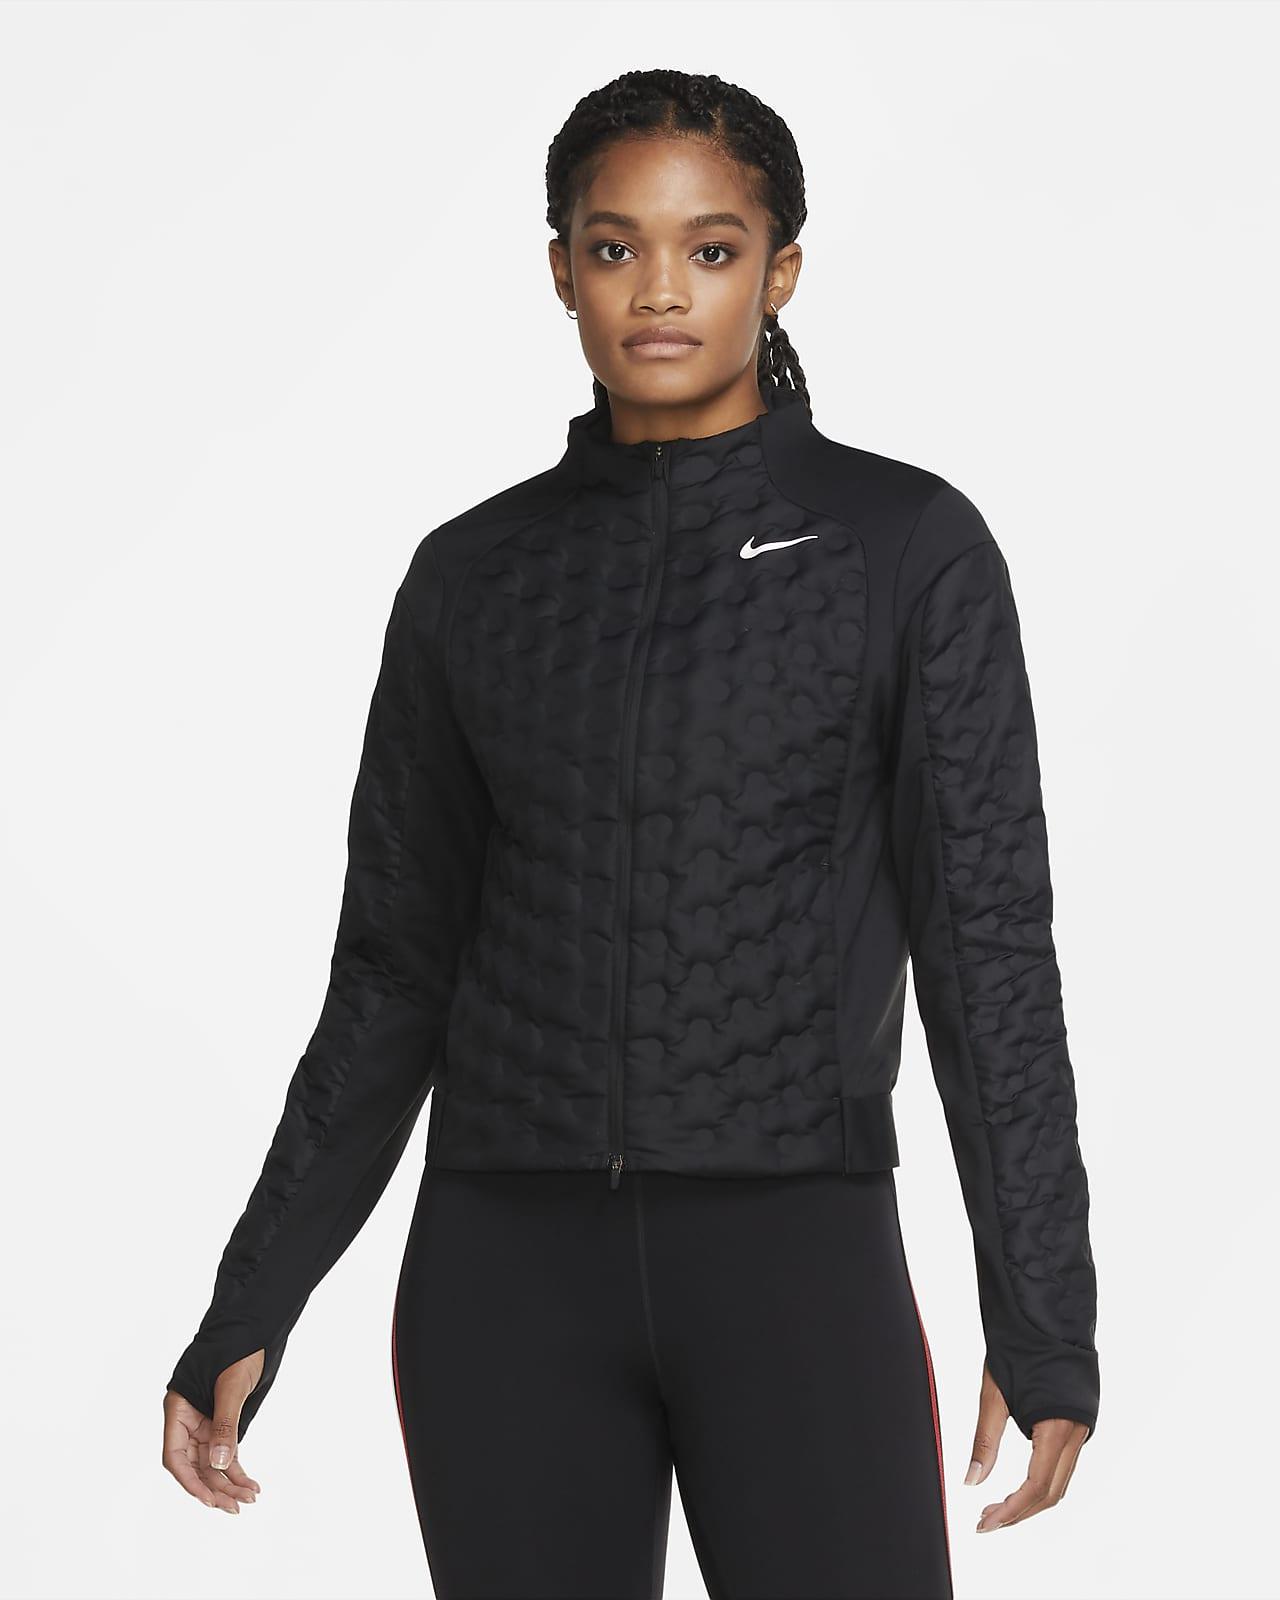 Giacca da running Nike AeroLoft - Donna